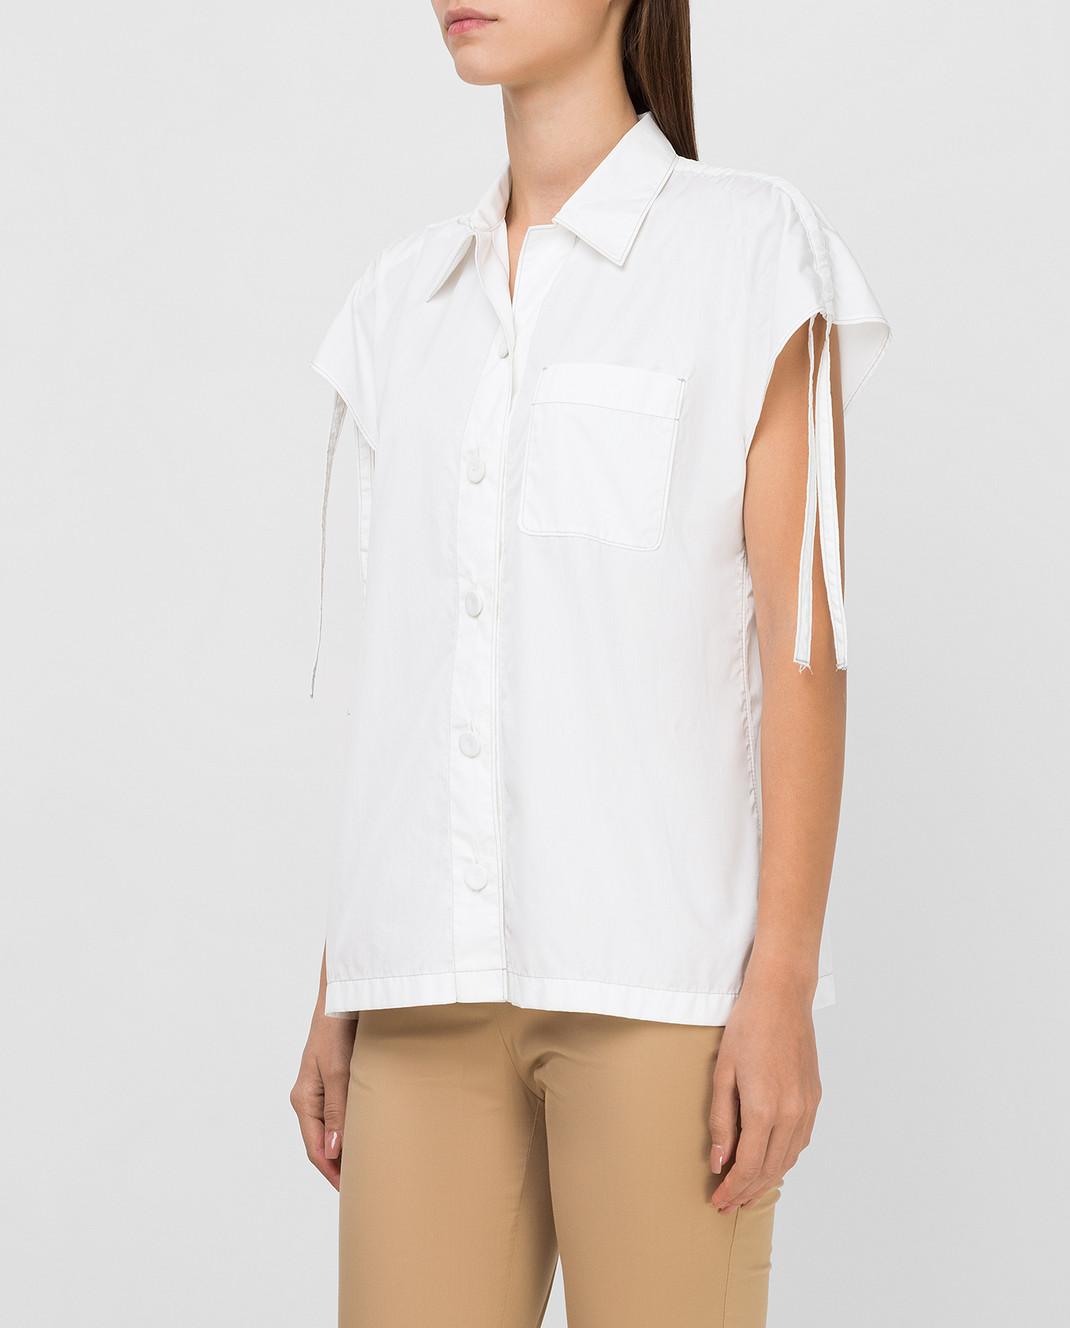 Prada Белая рубашка P469A изображение 3